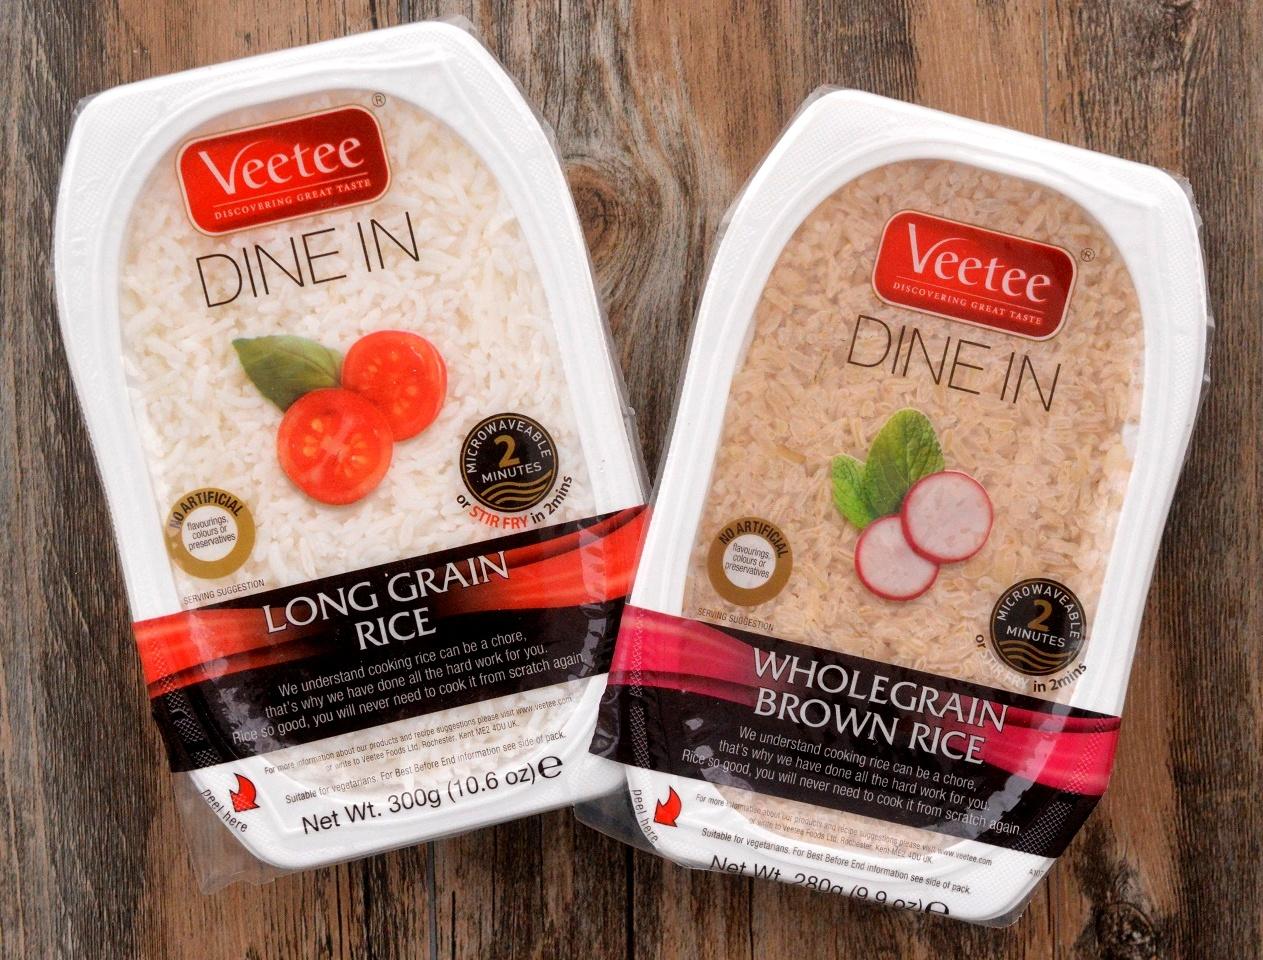 Veetee Dine In Rice